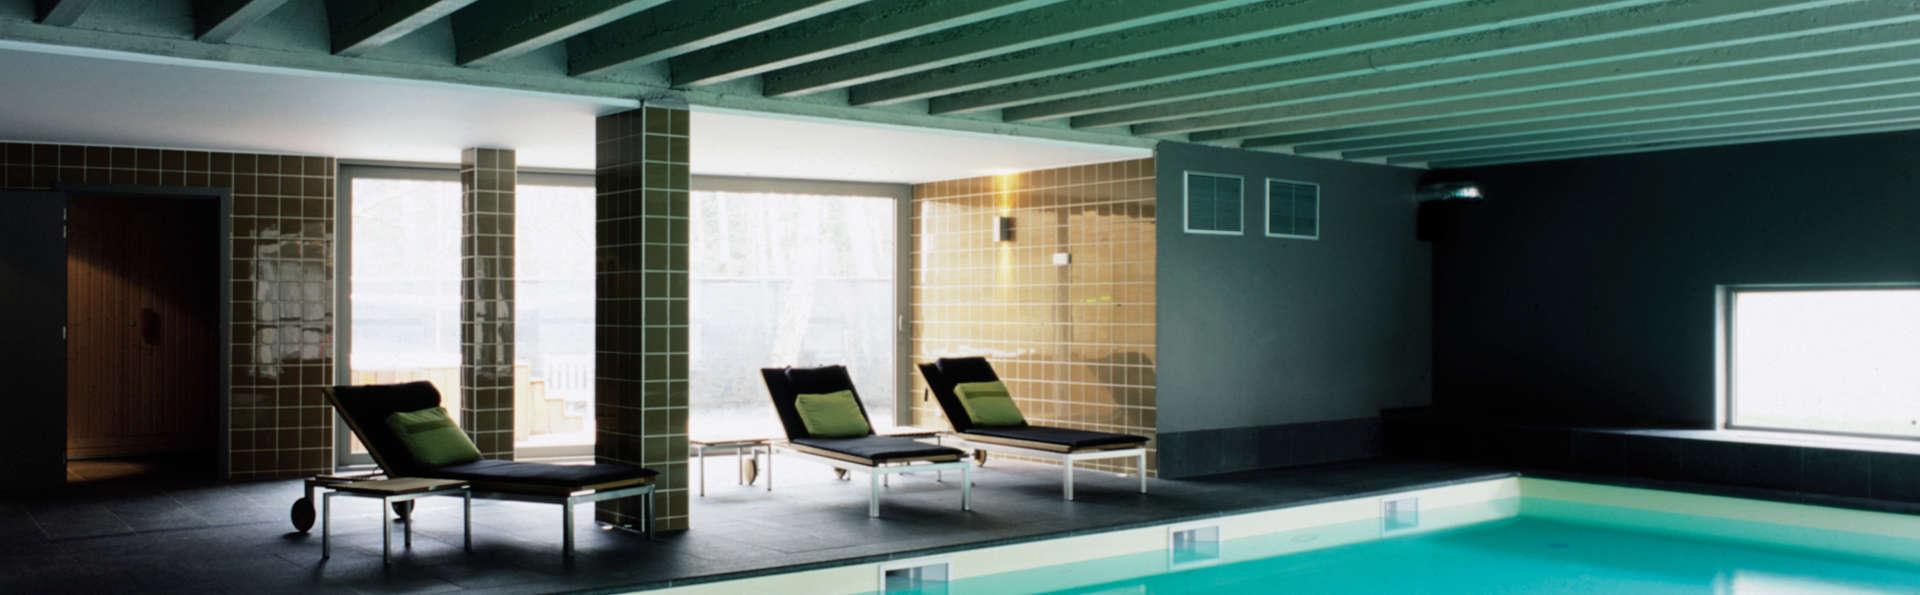 Week-end bien-être avec accès au Aqua-wellness au Limbourg